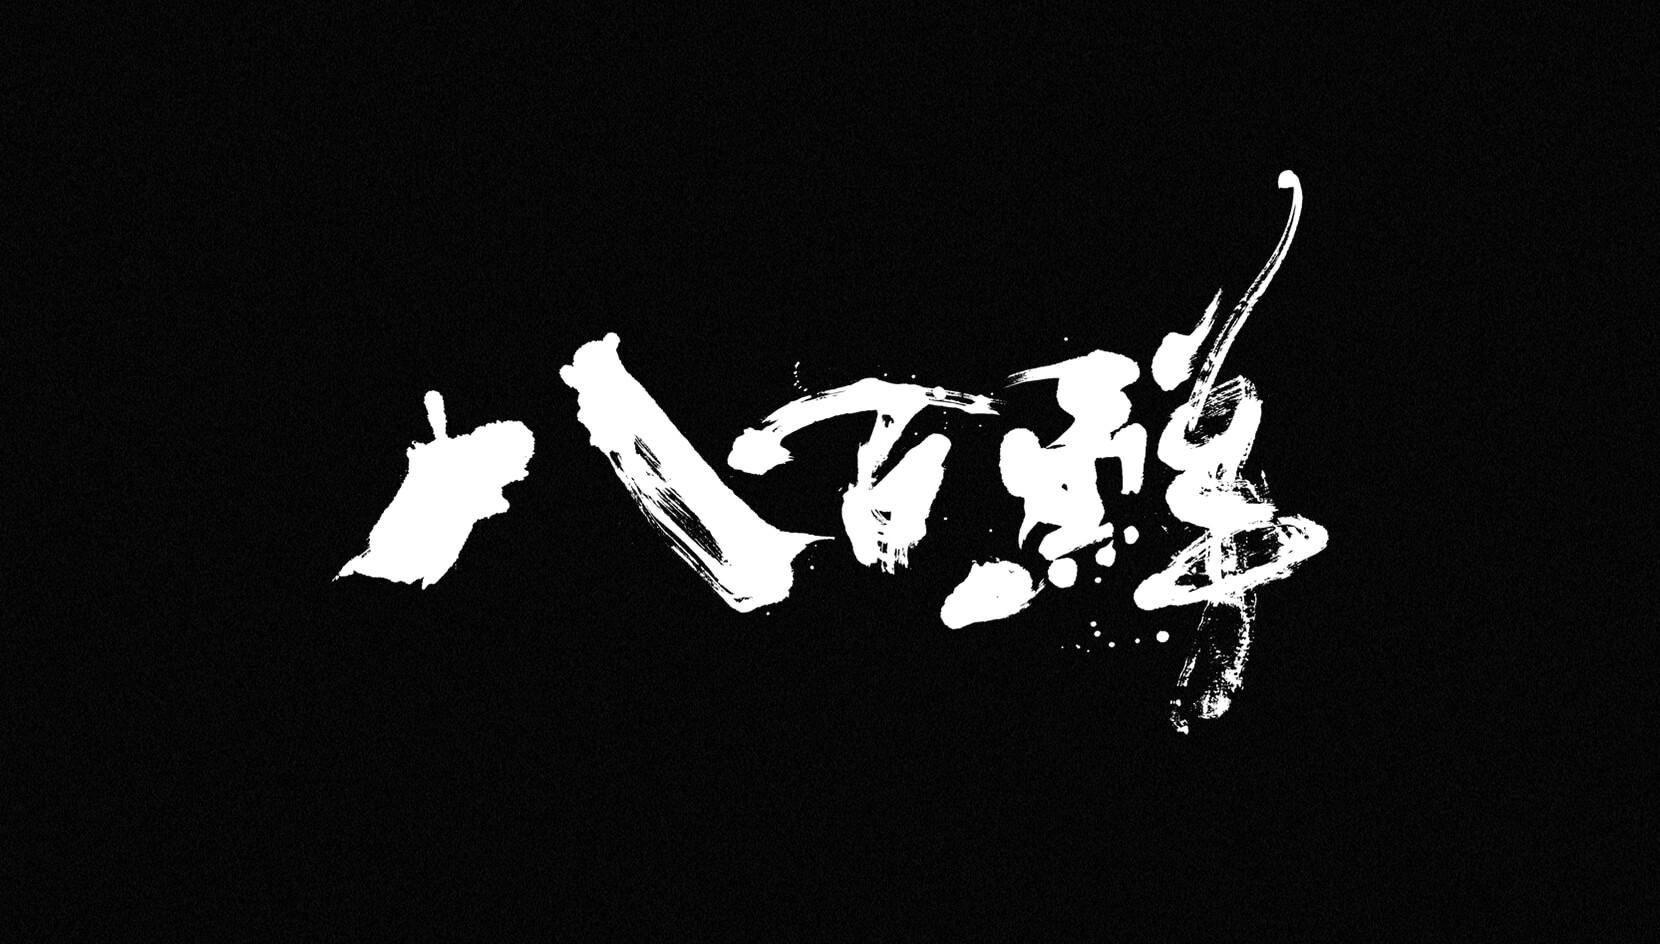 九条店 8月11日(火)営業再開のお知らせ